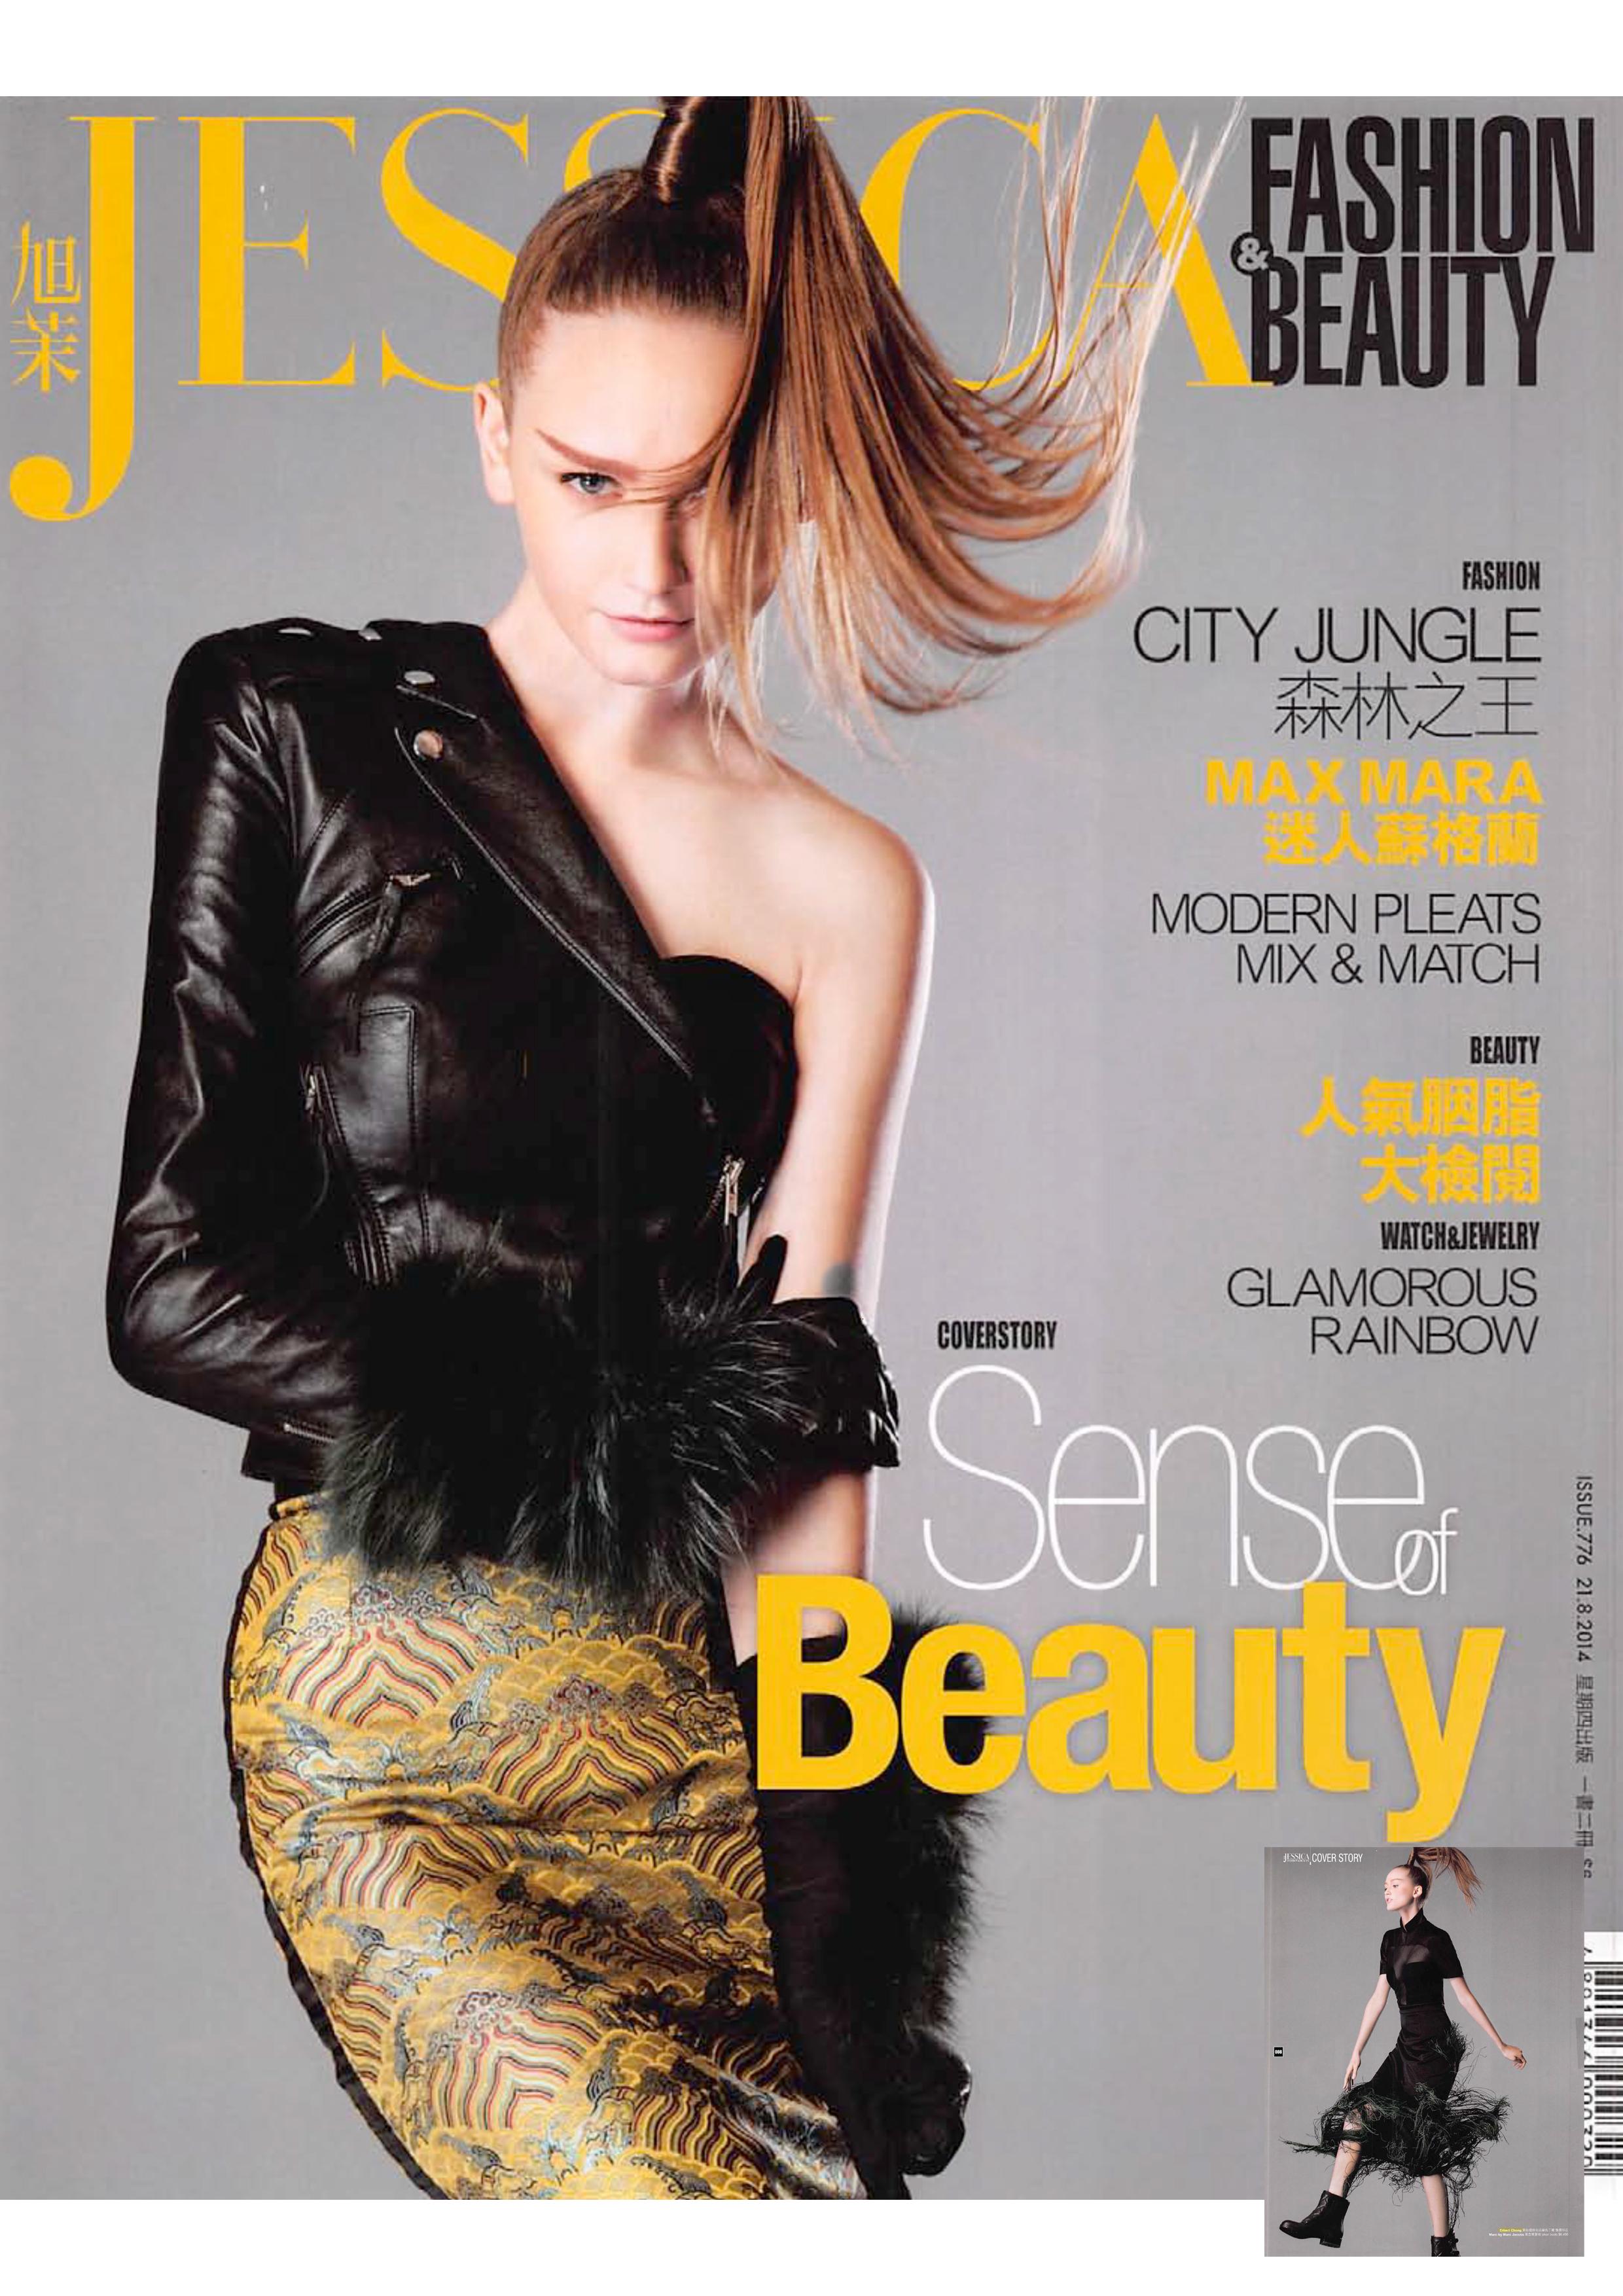 JessicaBAug2014.jpg